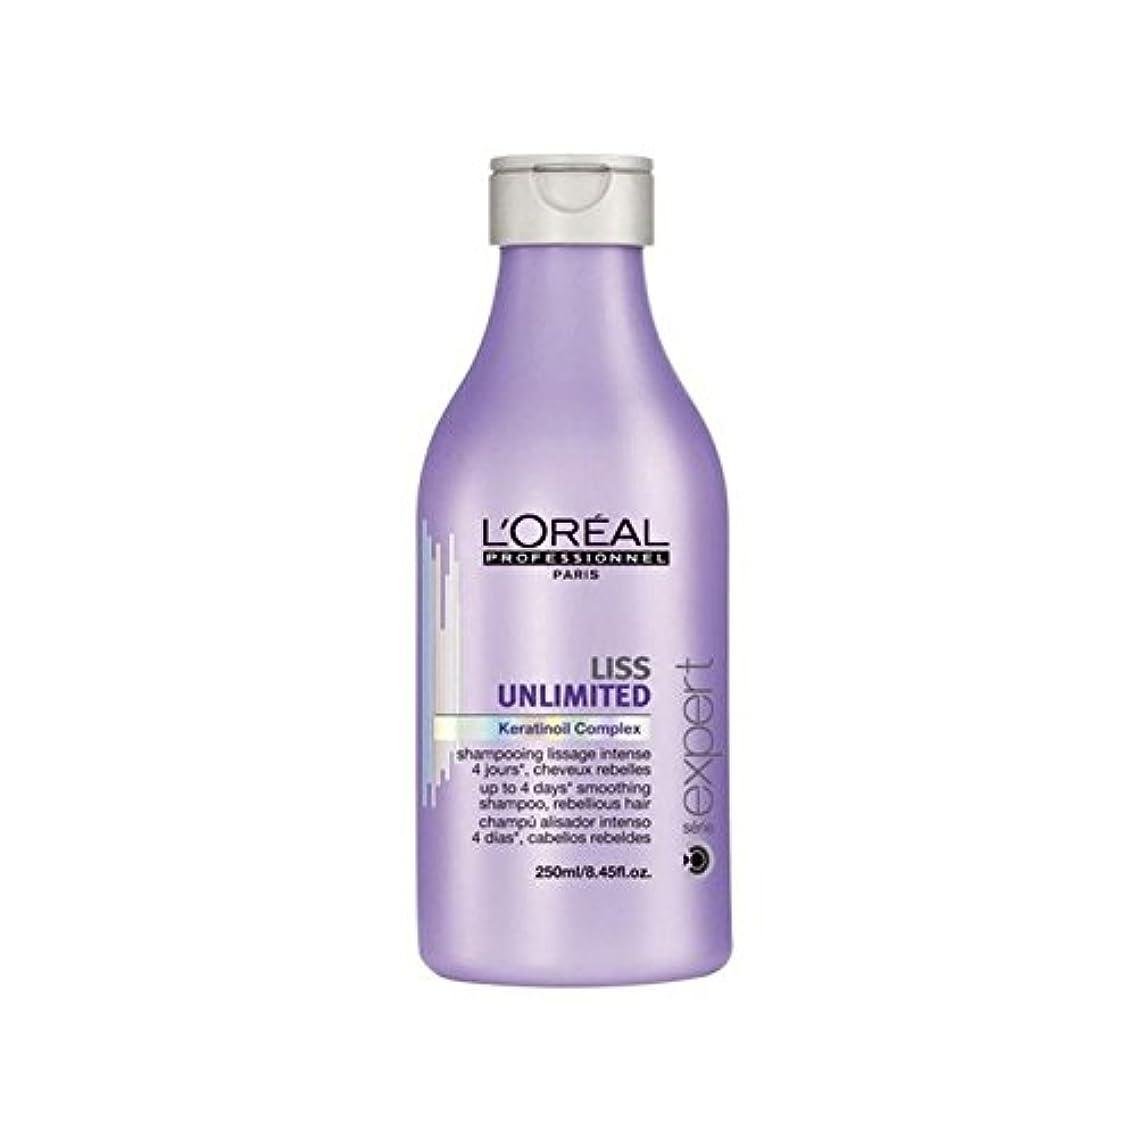 包帯断片データムロレアルプロフェッショナルセリエ専門家無制限のシャンプー(250ミリリットル) x4 - L'Oreal Professionnel Serie Expert Liss Unlimited Shampoo (250ml) (Pack of 4) [並行輸入品]